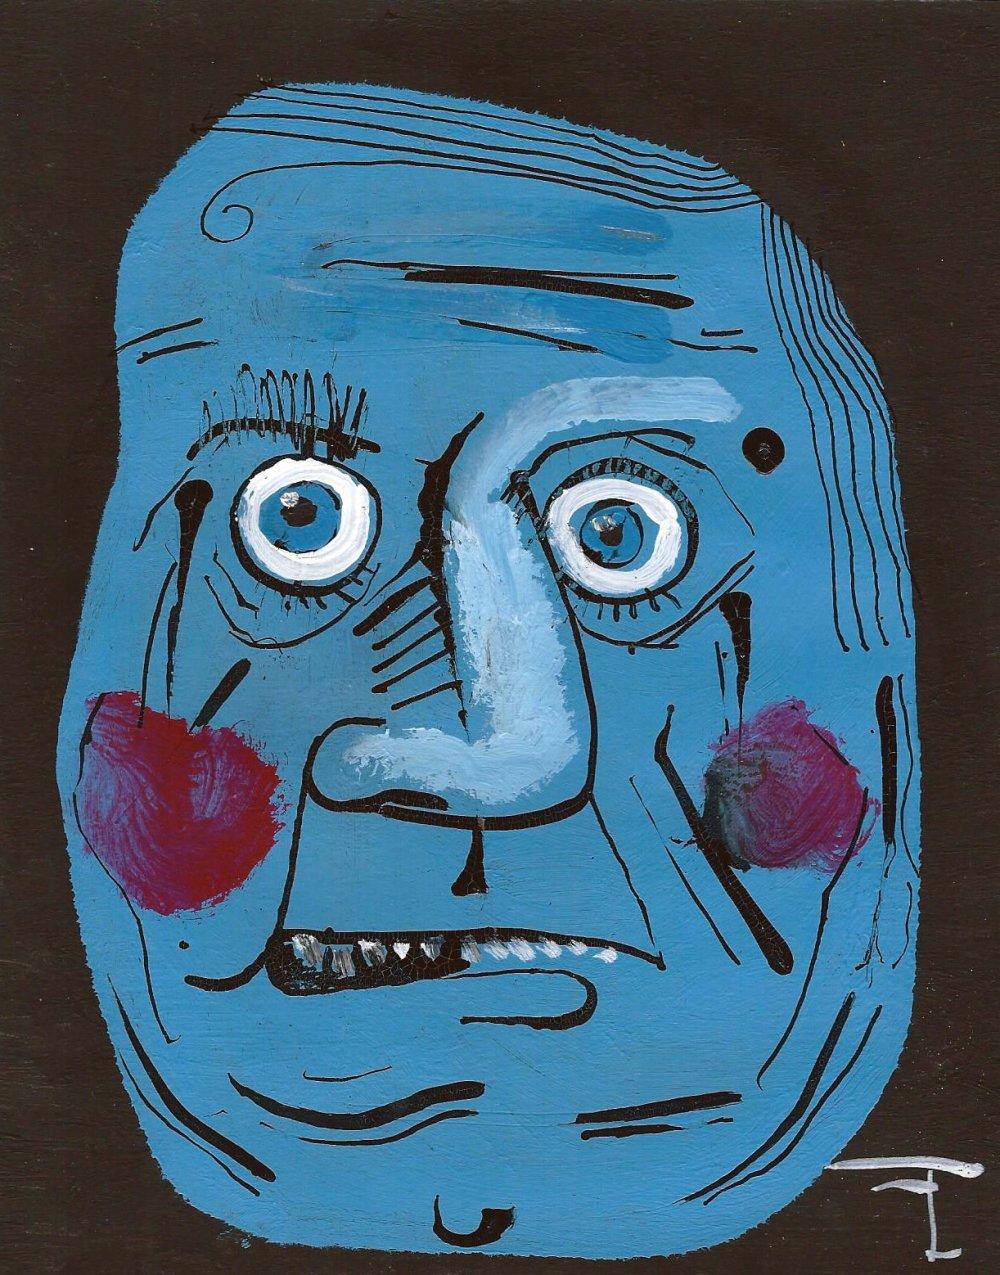 Peinture acrylique sur papier à dessin - signé - artiste Flavien Couche